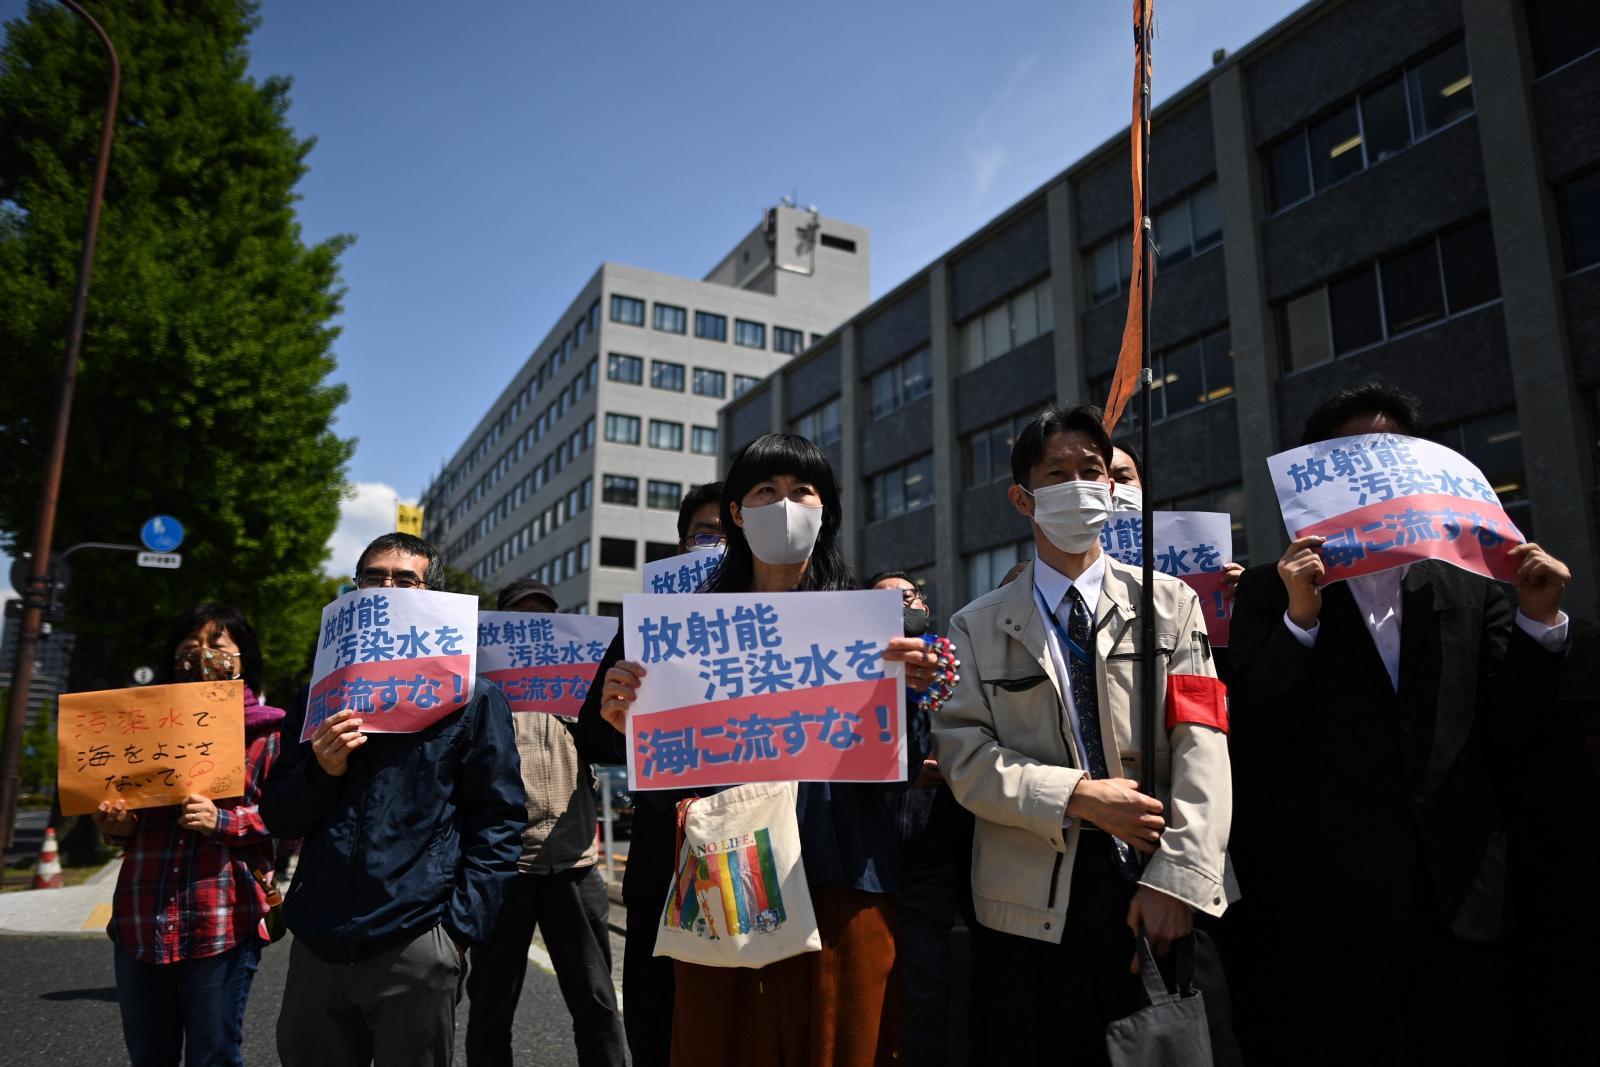 """ญี่ปุ่นเตรียมปล่อยน้ำจากโรงไฟฟ้านิวเคลียร์ในฟุกุชิมะ """"ล้านตัน"""" ลงทะเล"""